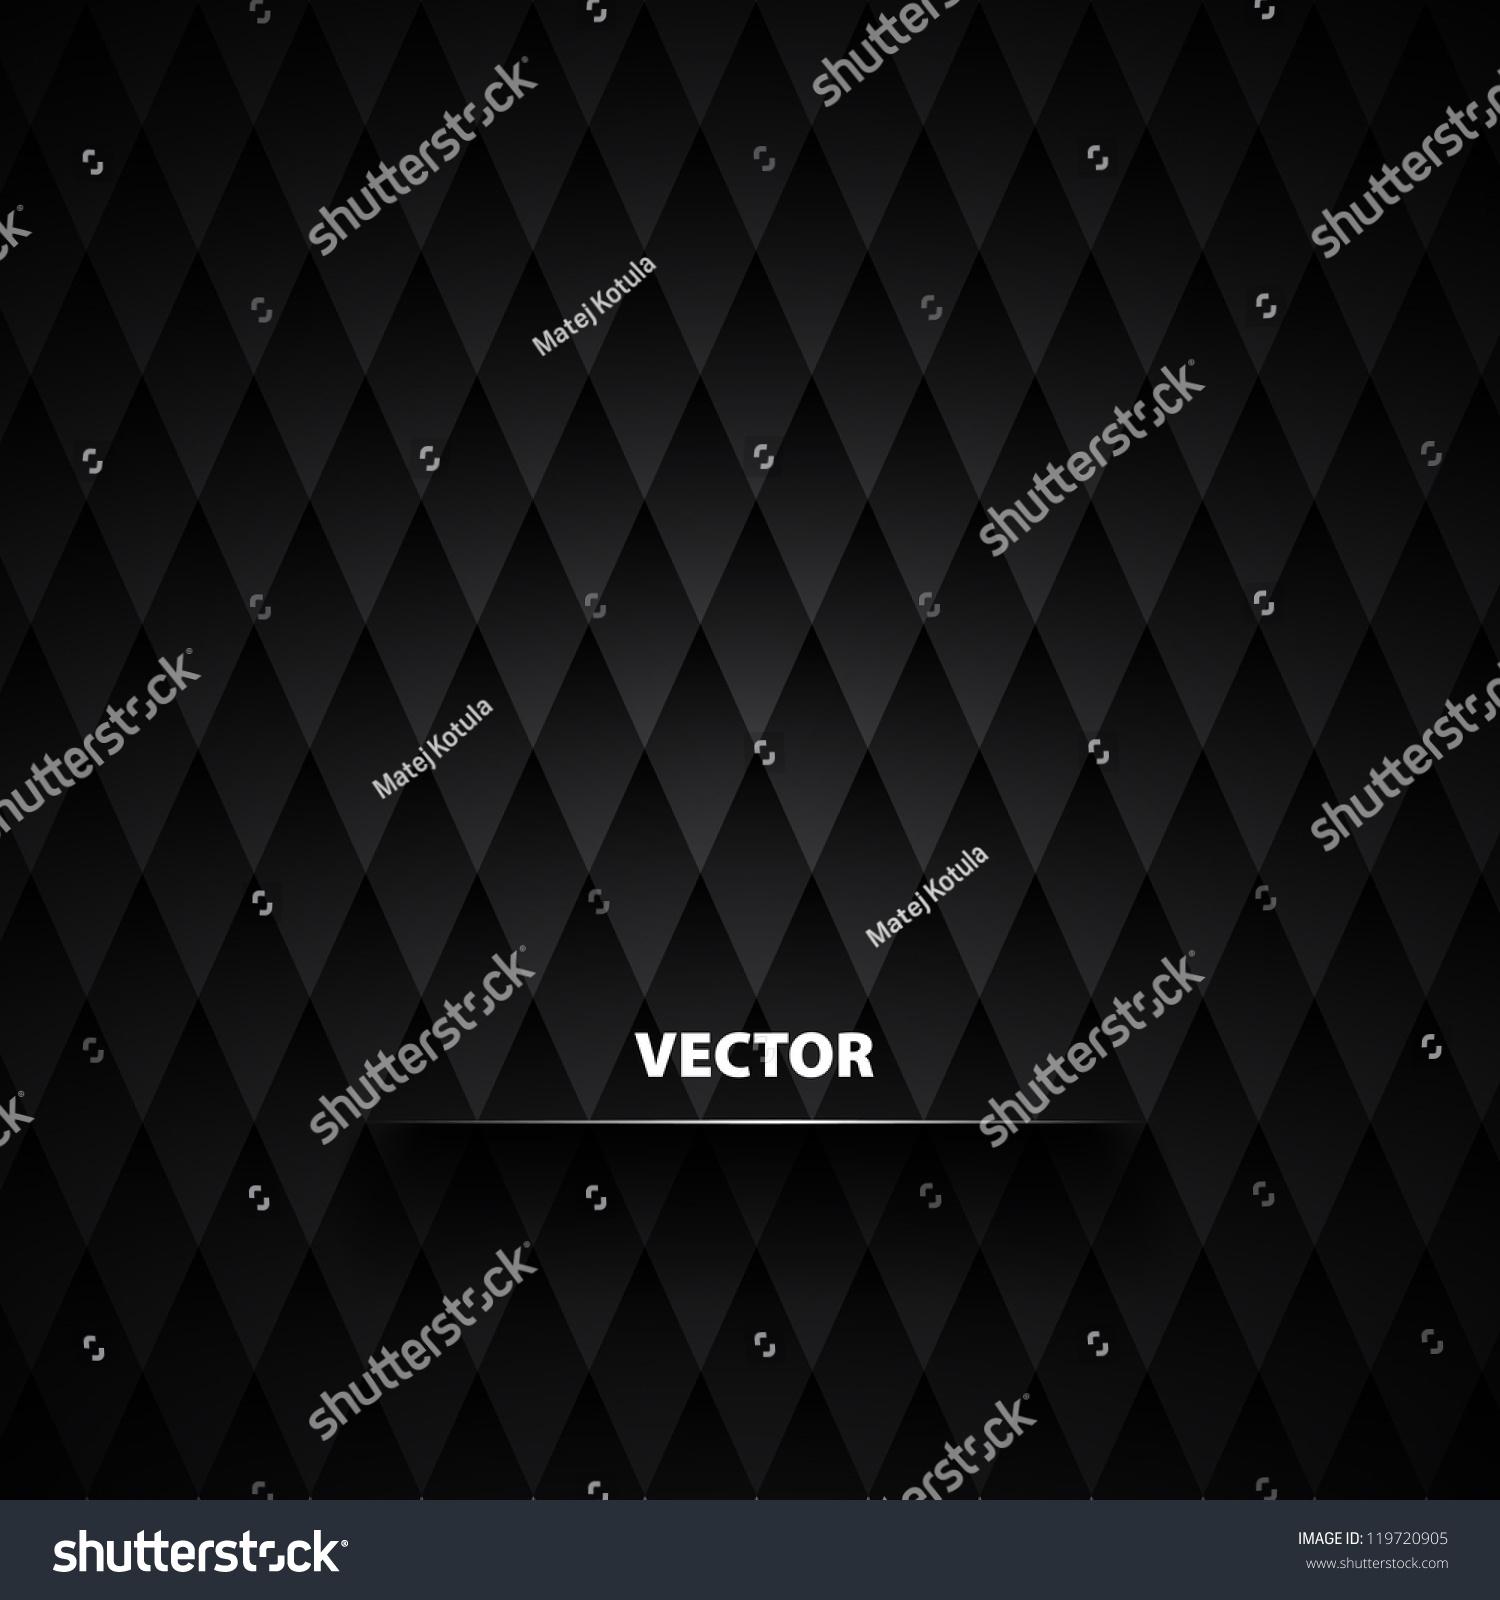 diamond background vector - photo #42